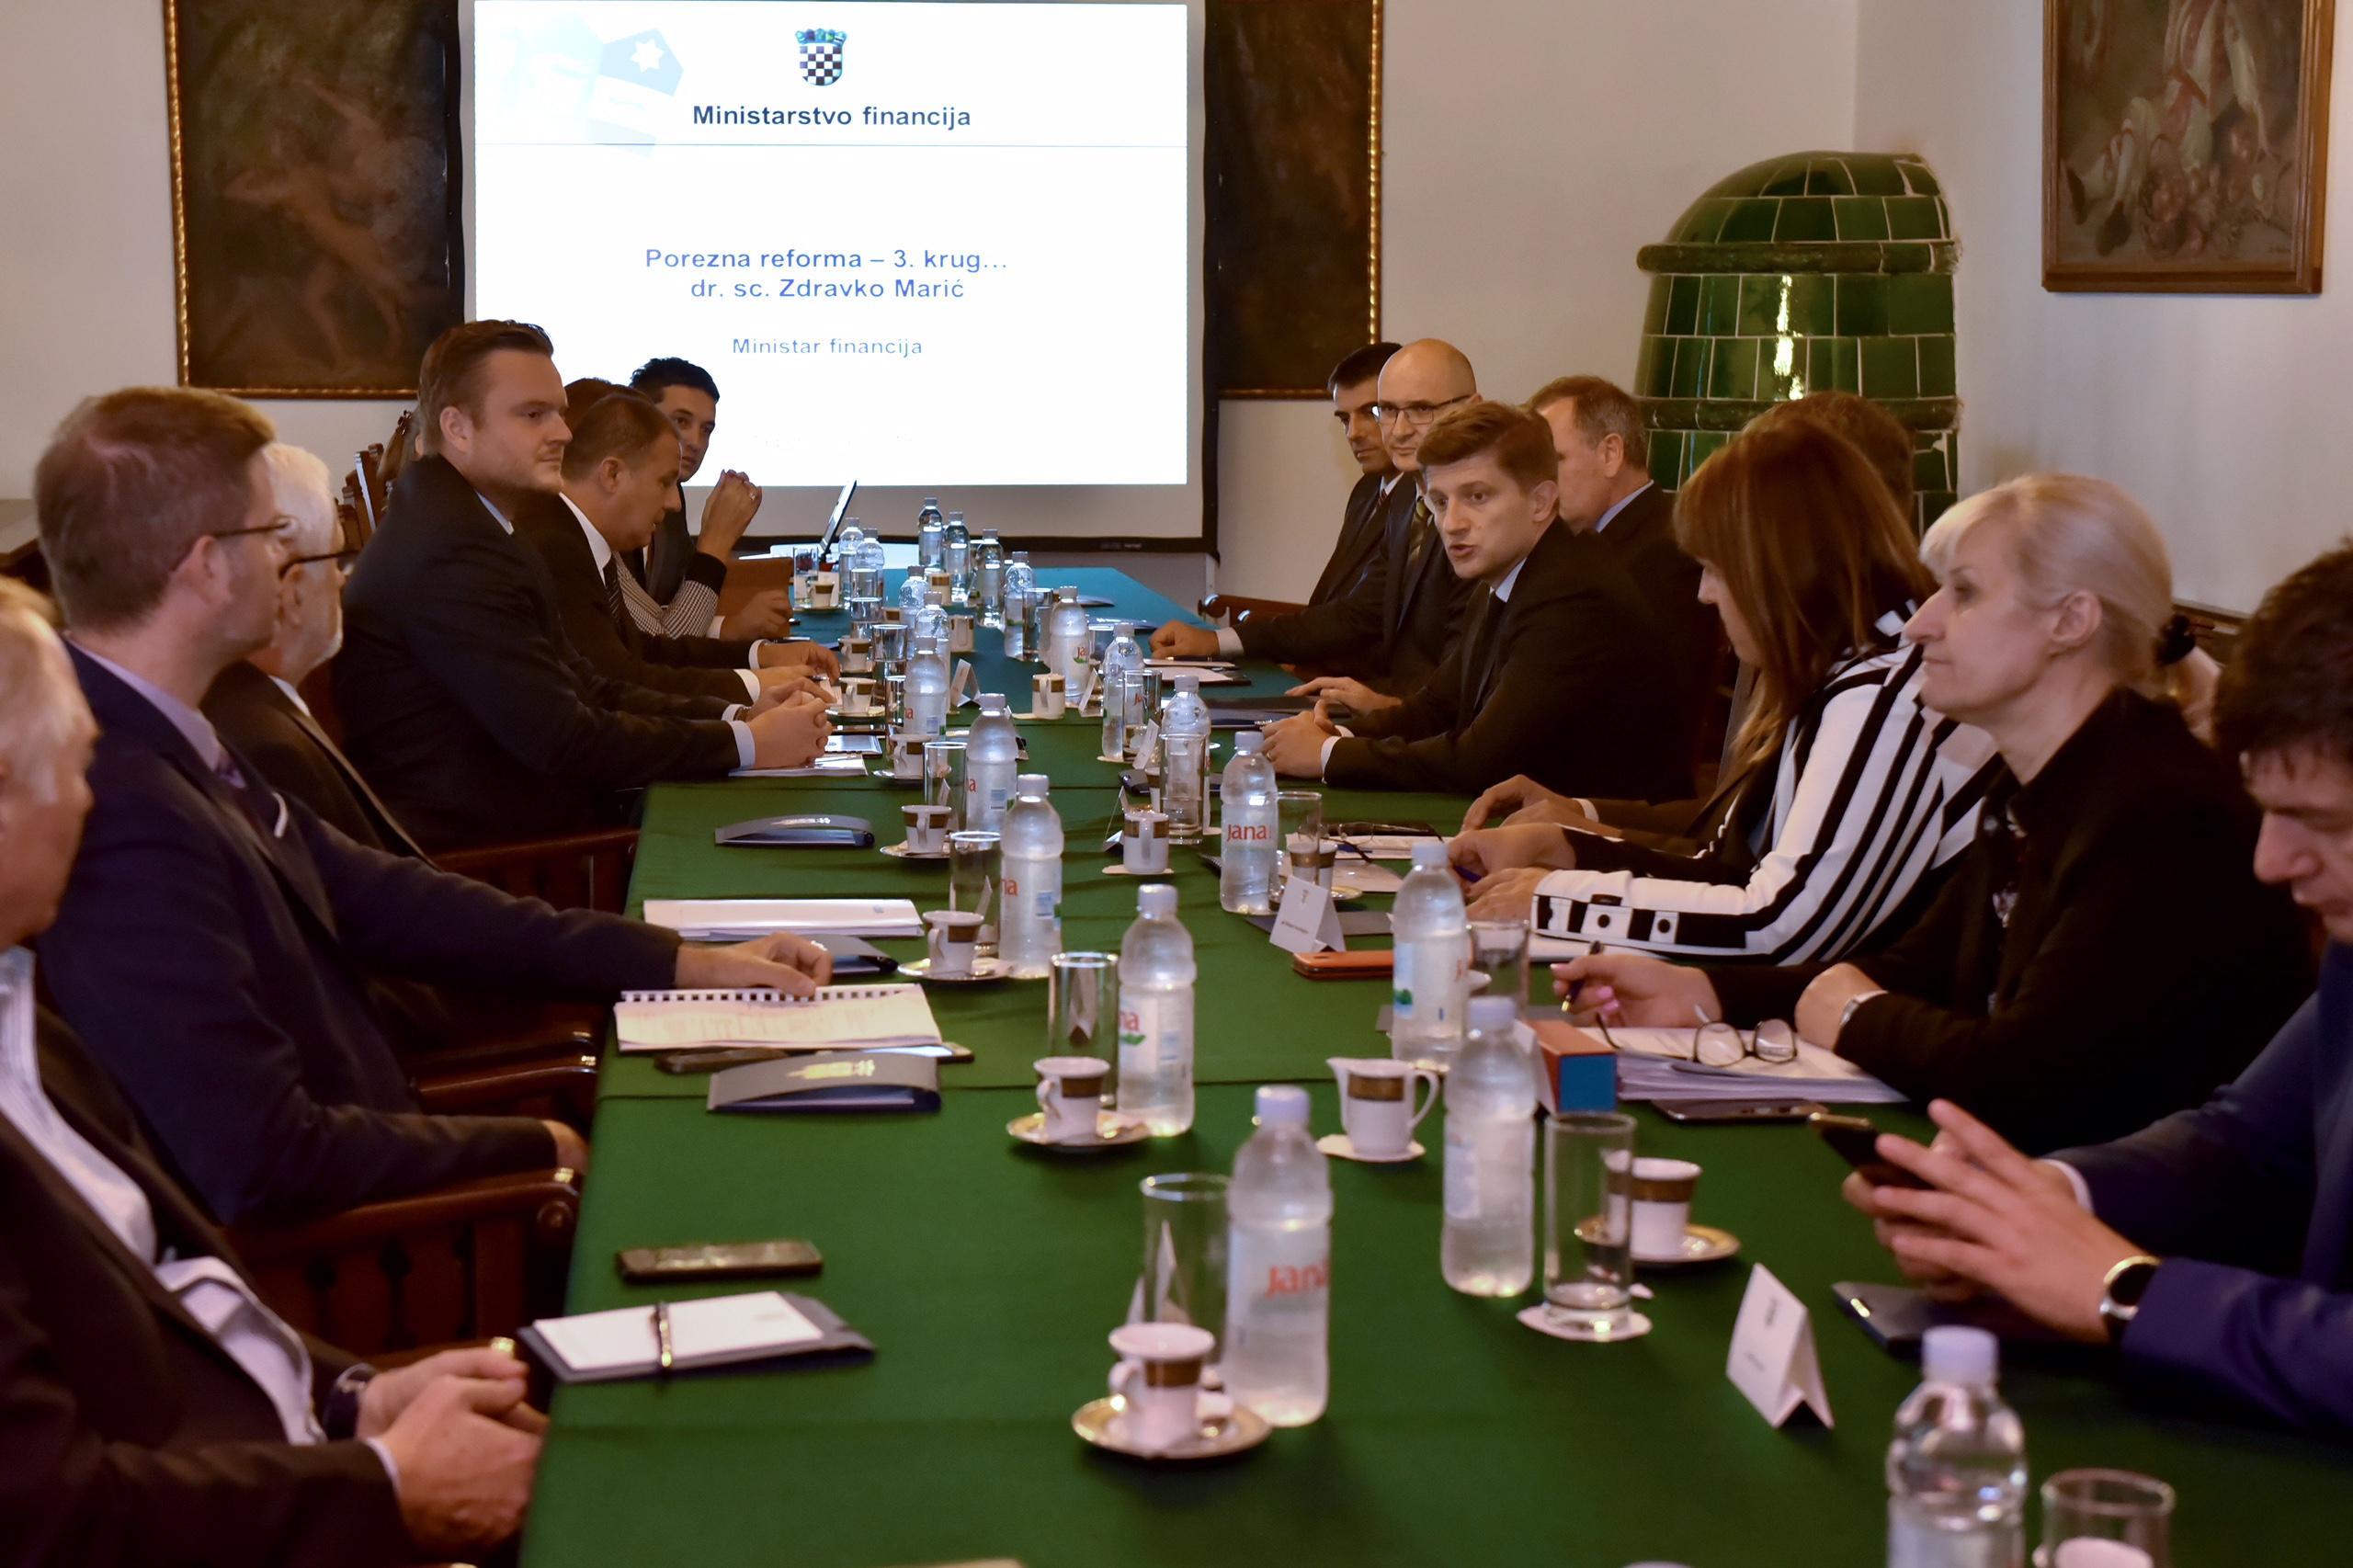 Vijeće za gospodarska pitanja predsjednice s Marićem o poreznoj reformi